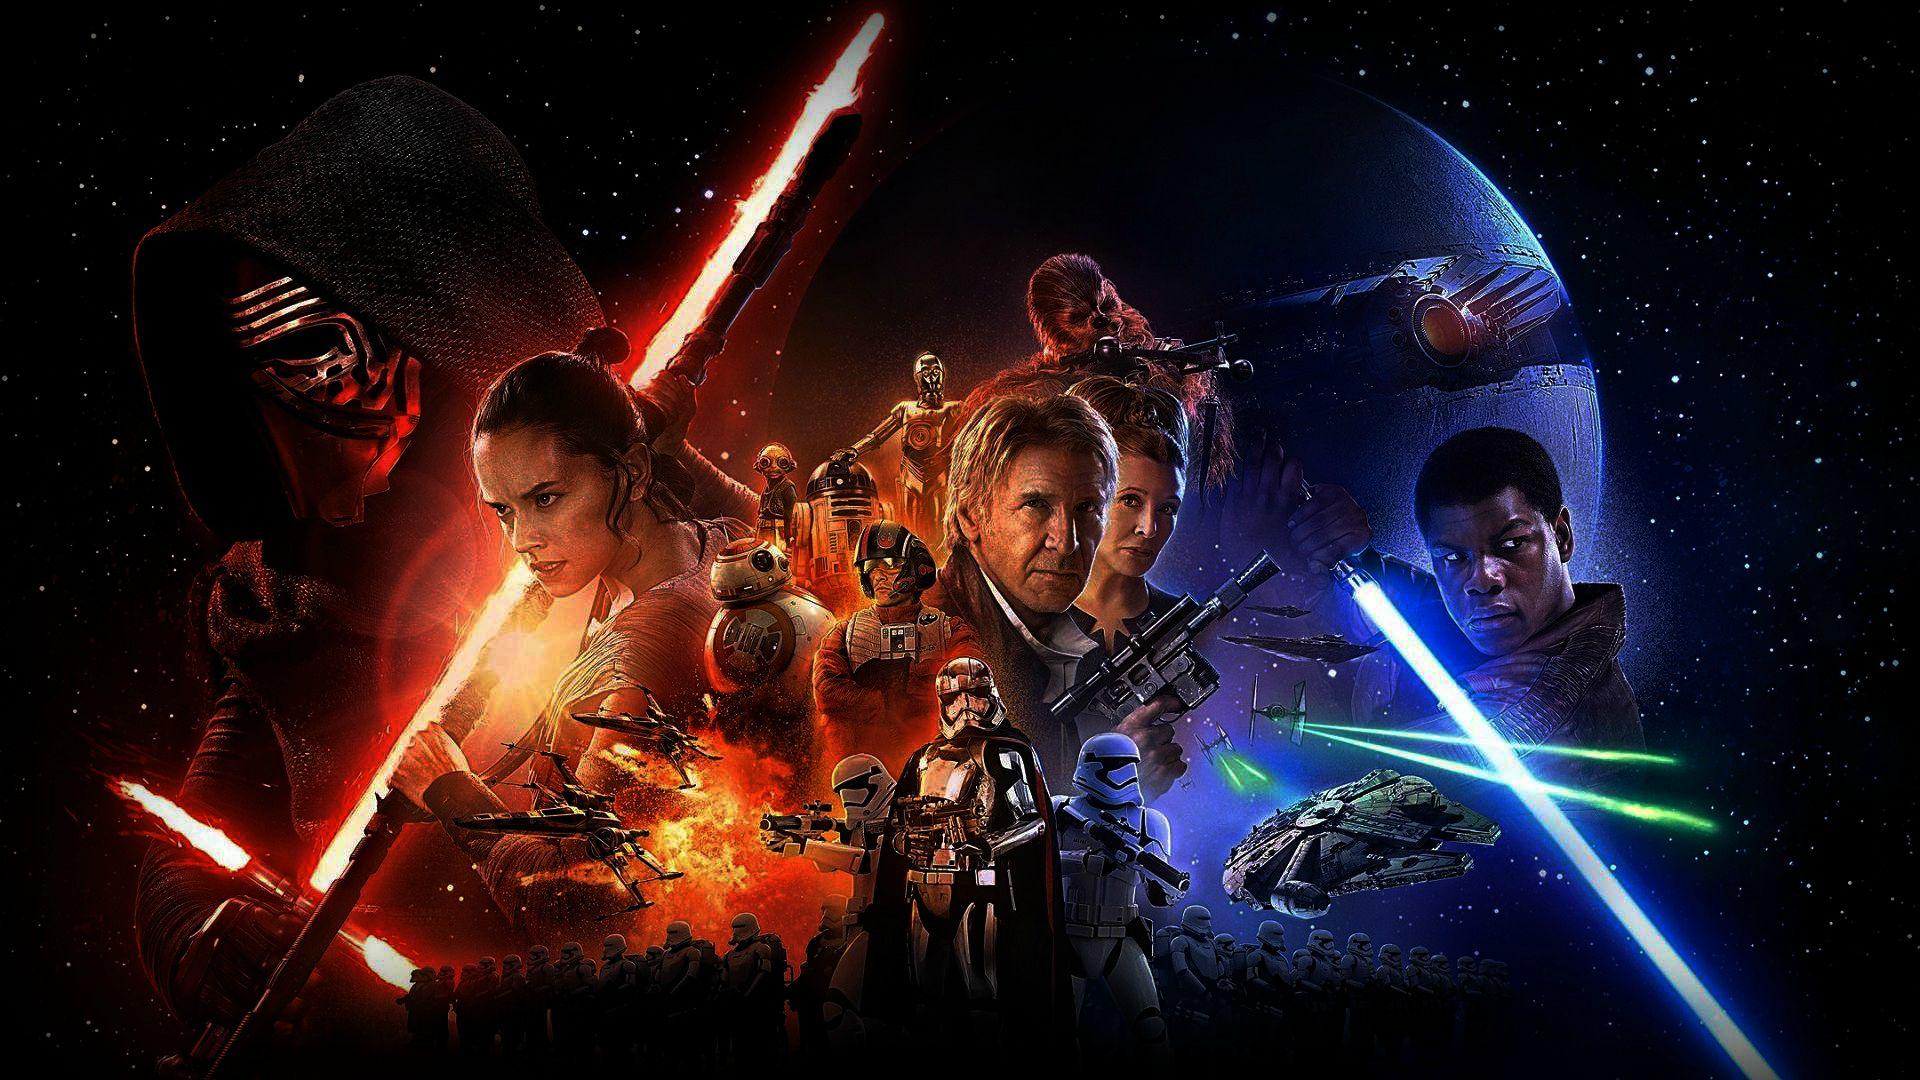 Star Wars 7 Movie4k.To